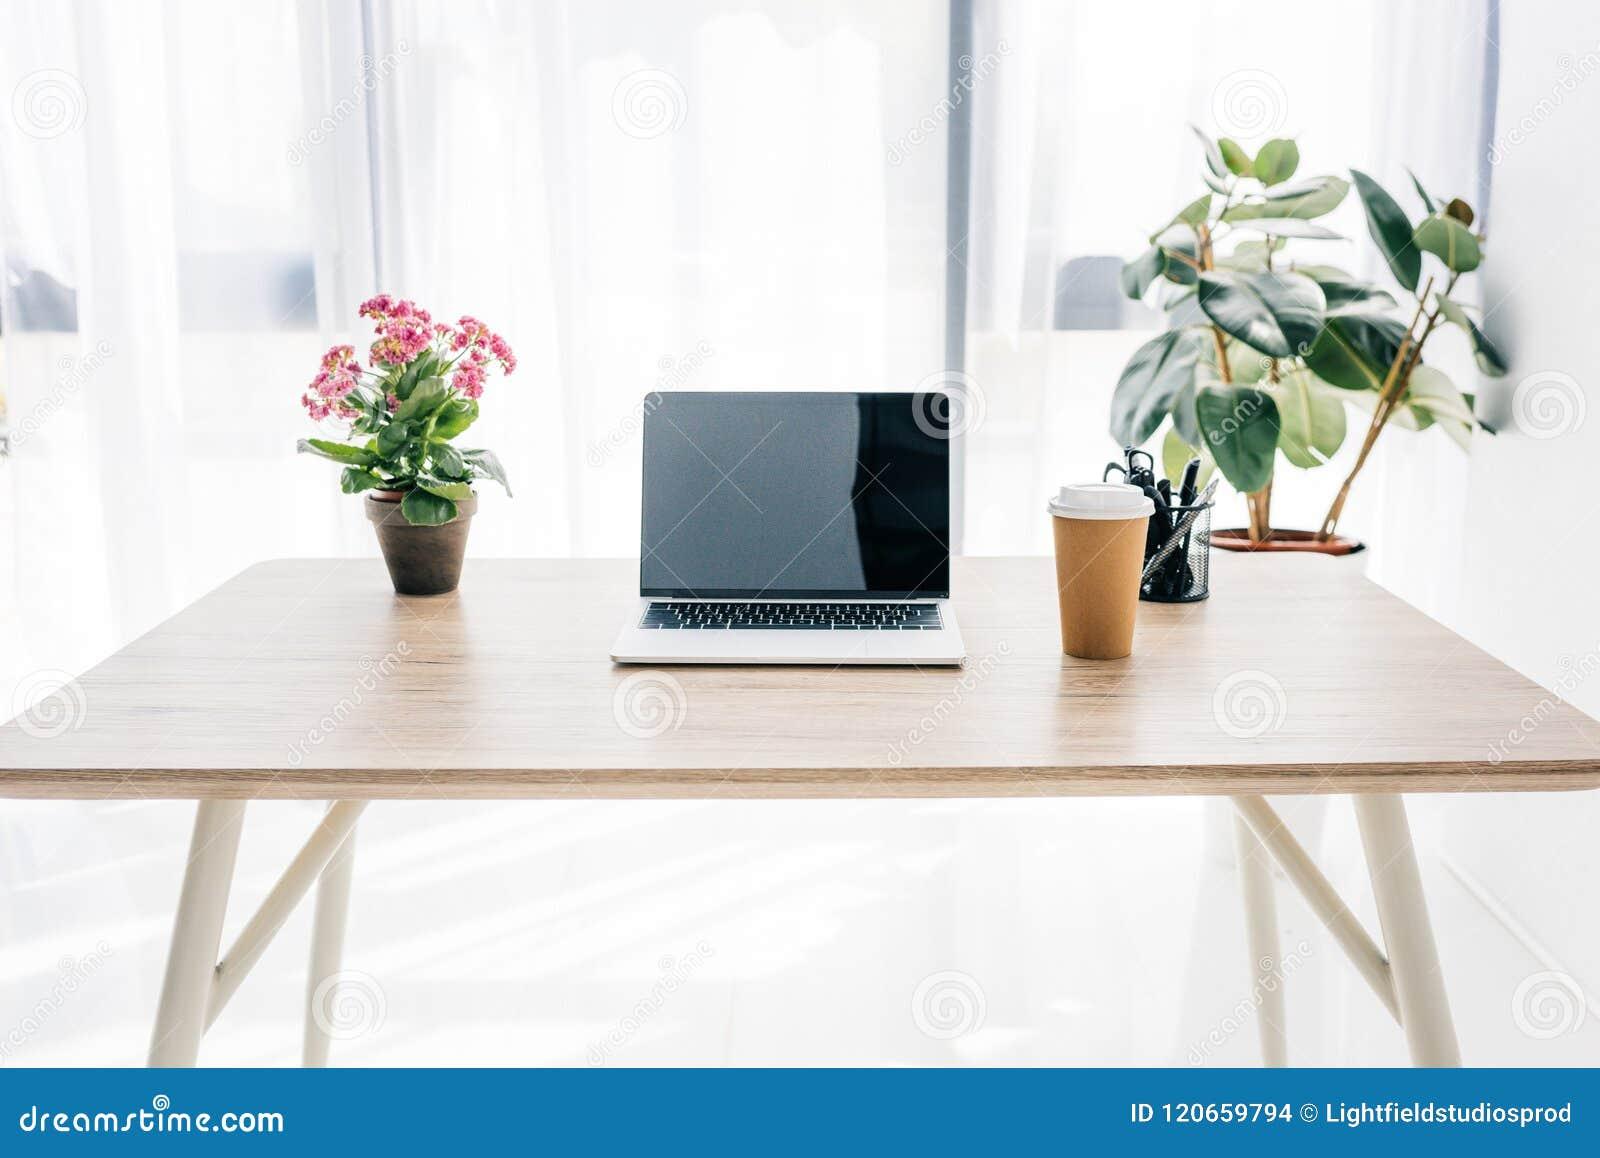 Frontowy widok laptop z pustym ekranem, filiżanką, kwiatami i materiały,